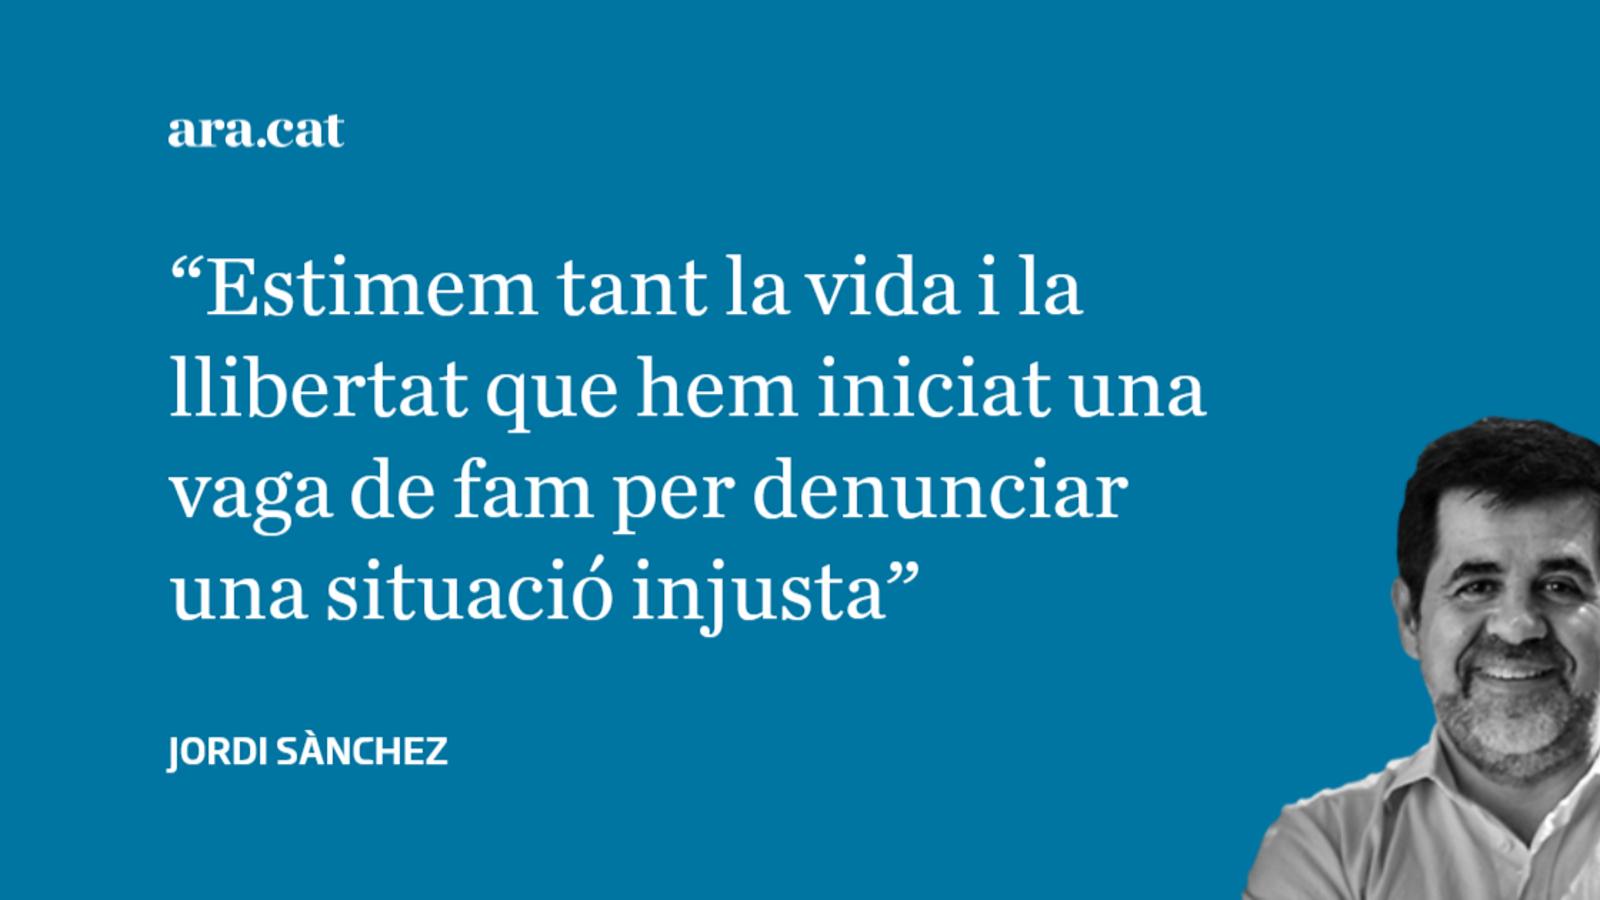 A favor de la vida i la llibertat; per Jordi Sànchez